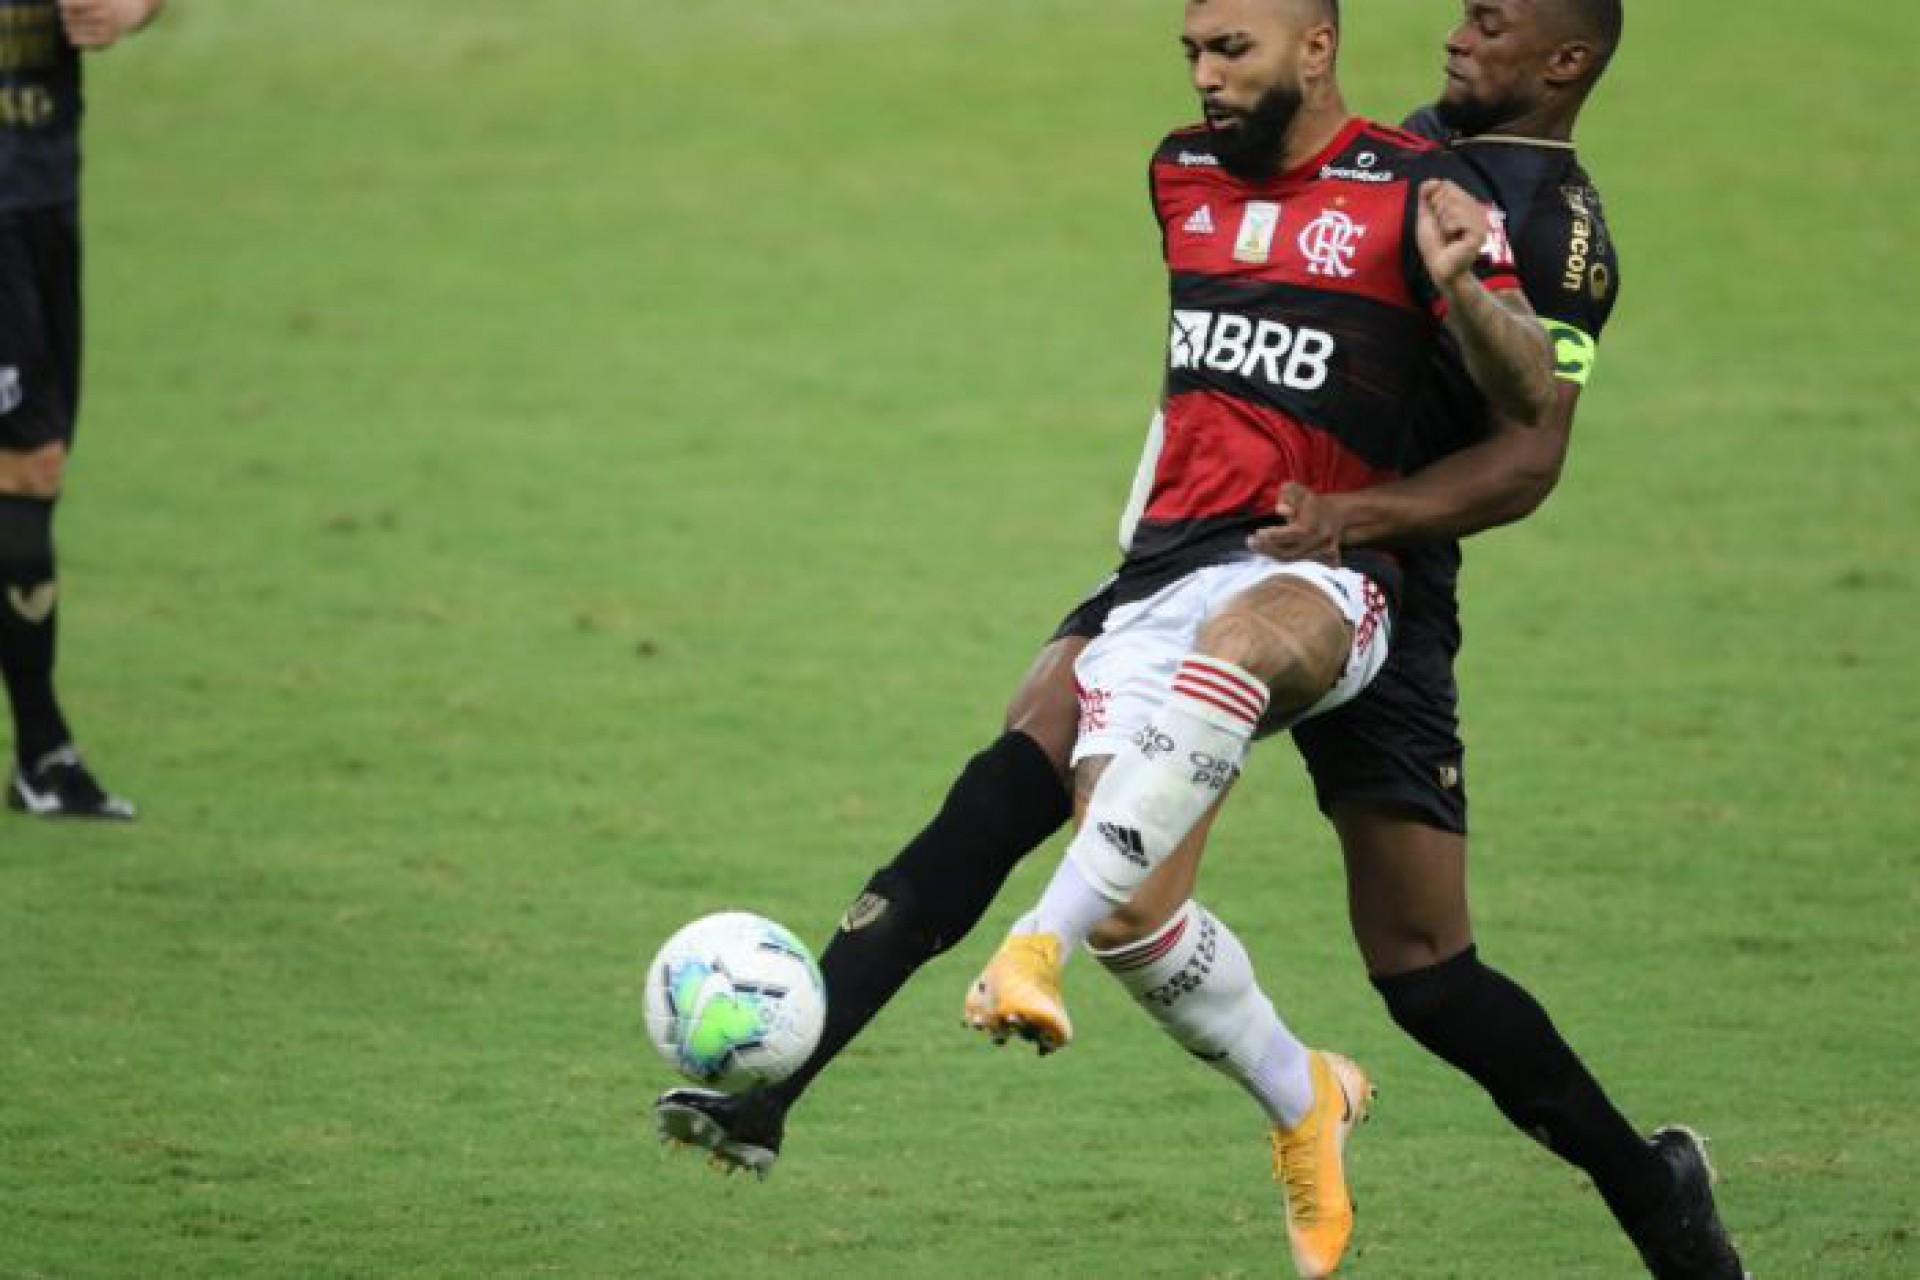 Independiente Del Valle X Flamengo Veja Escalacao Dos Times Para O Jogo De Hoje Pela Libertadores Futebol Esportes O Povo